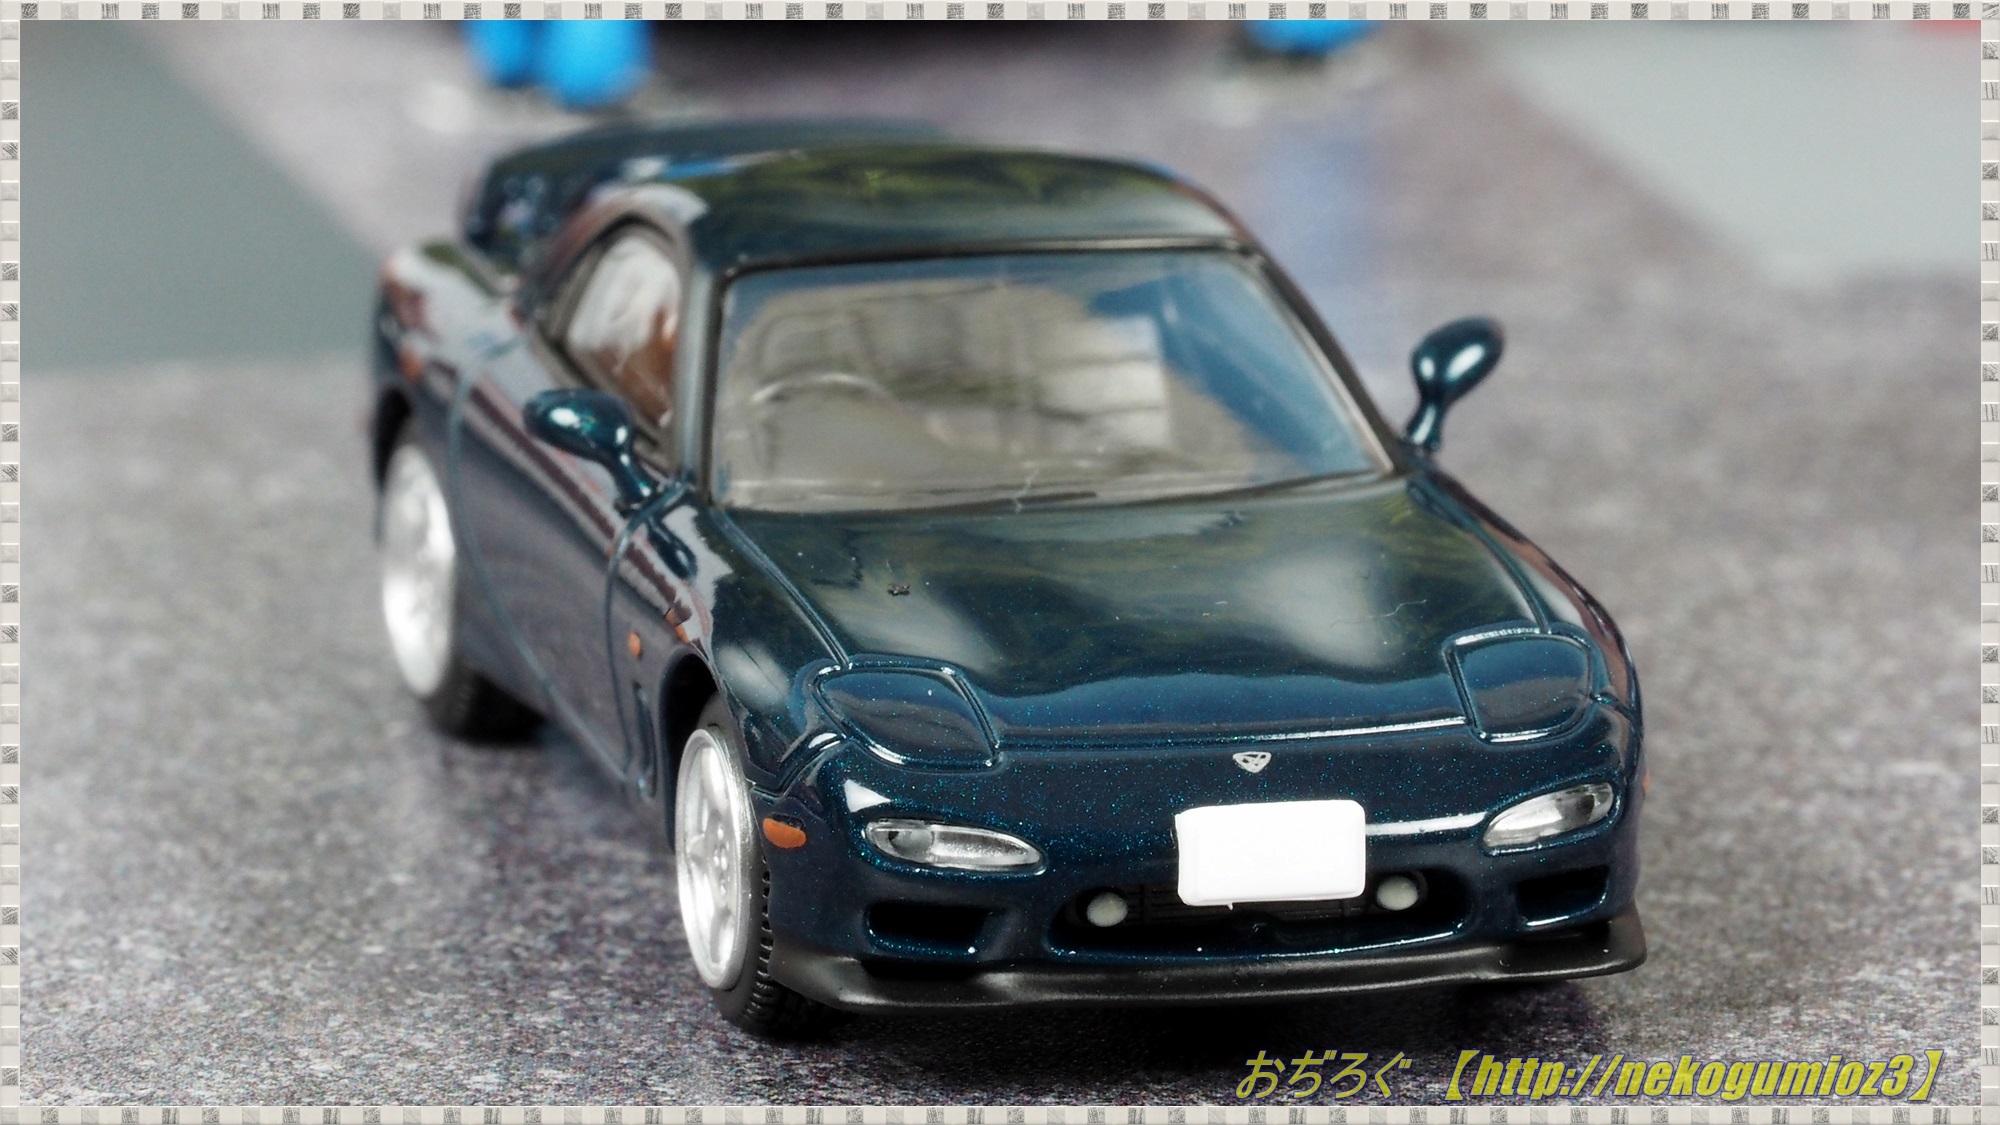 200202034.jpg